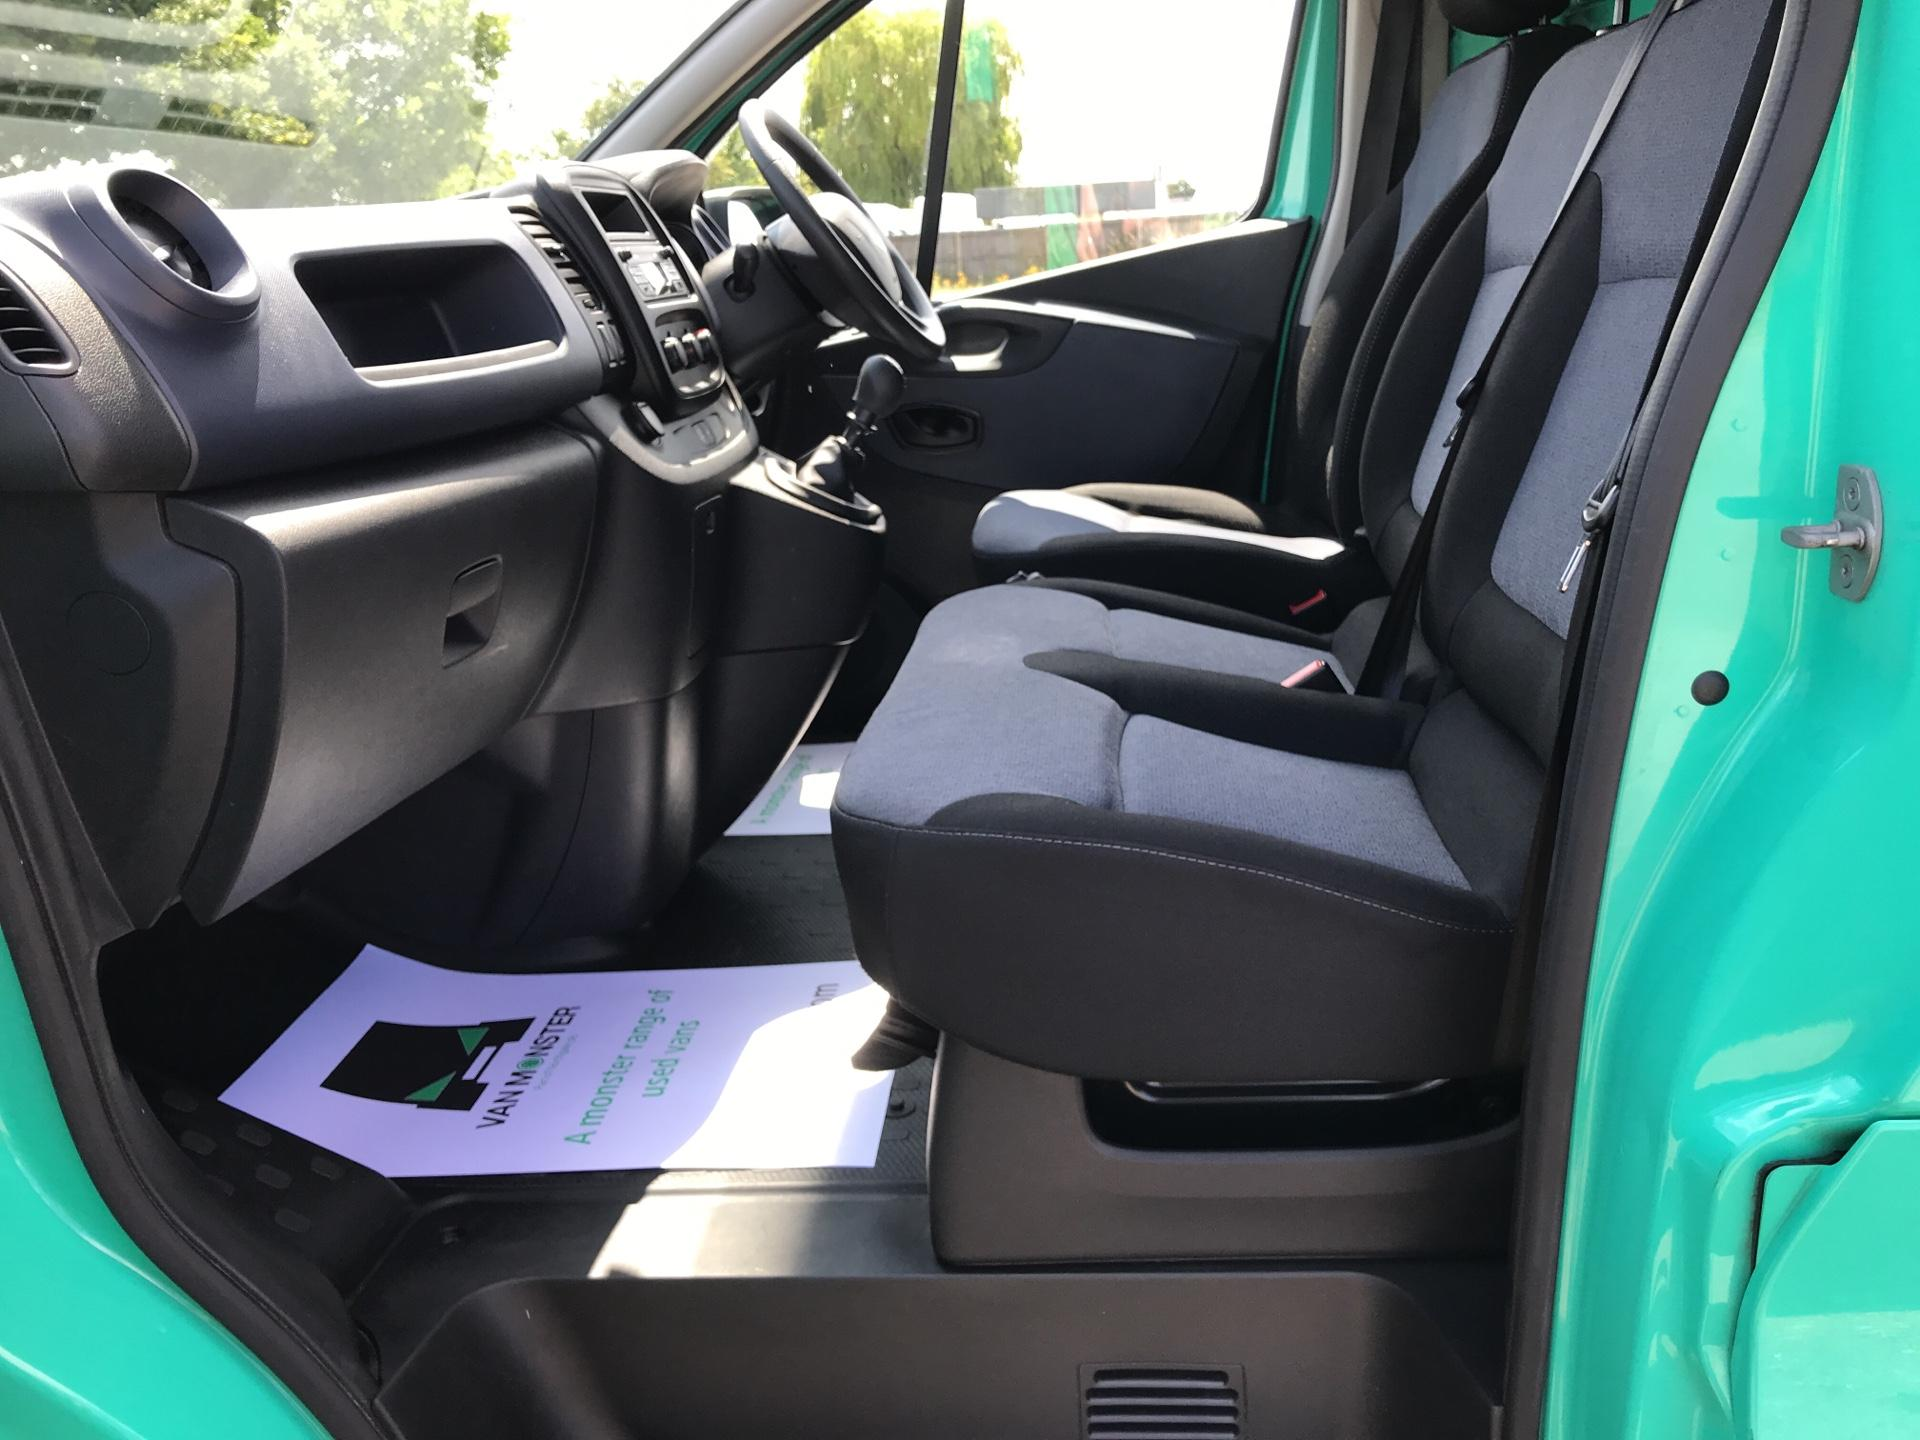 2017 Vauxhall Vivaro L2 H1 2900 1.6 95PS EURO 6 (BK17ONM) Image 14